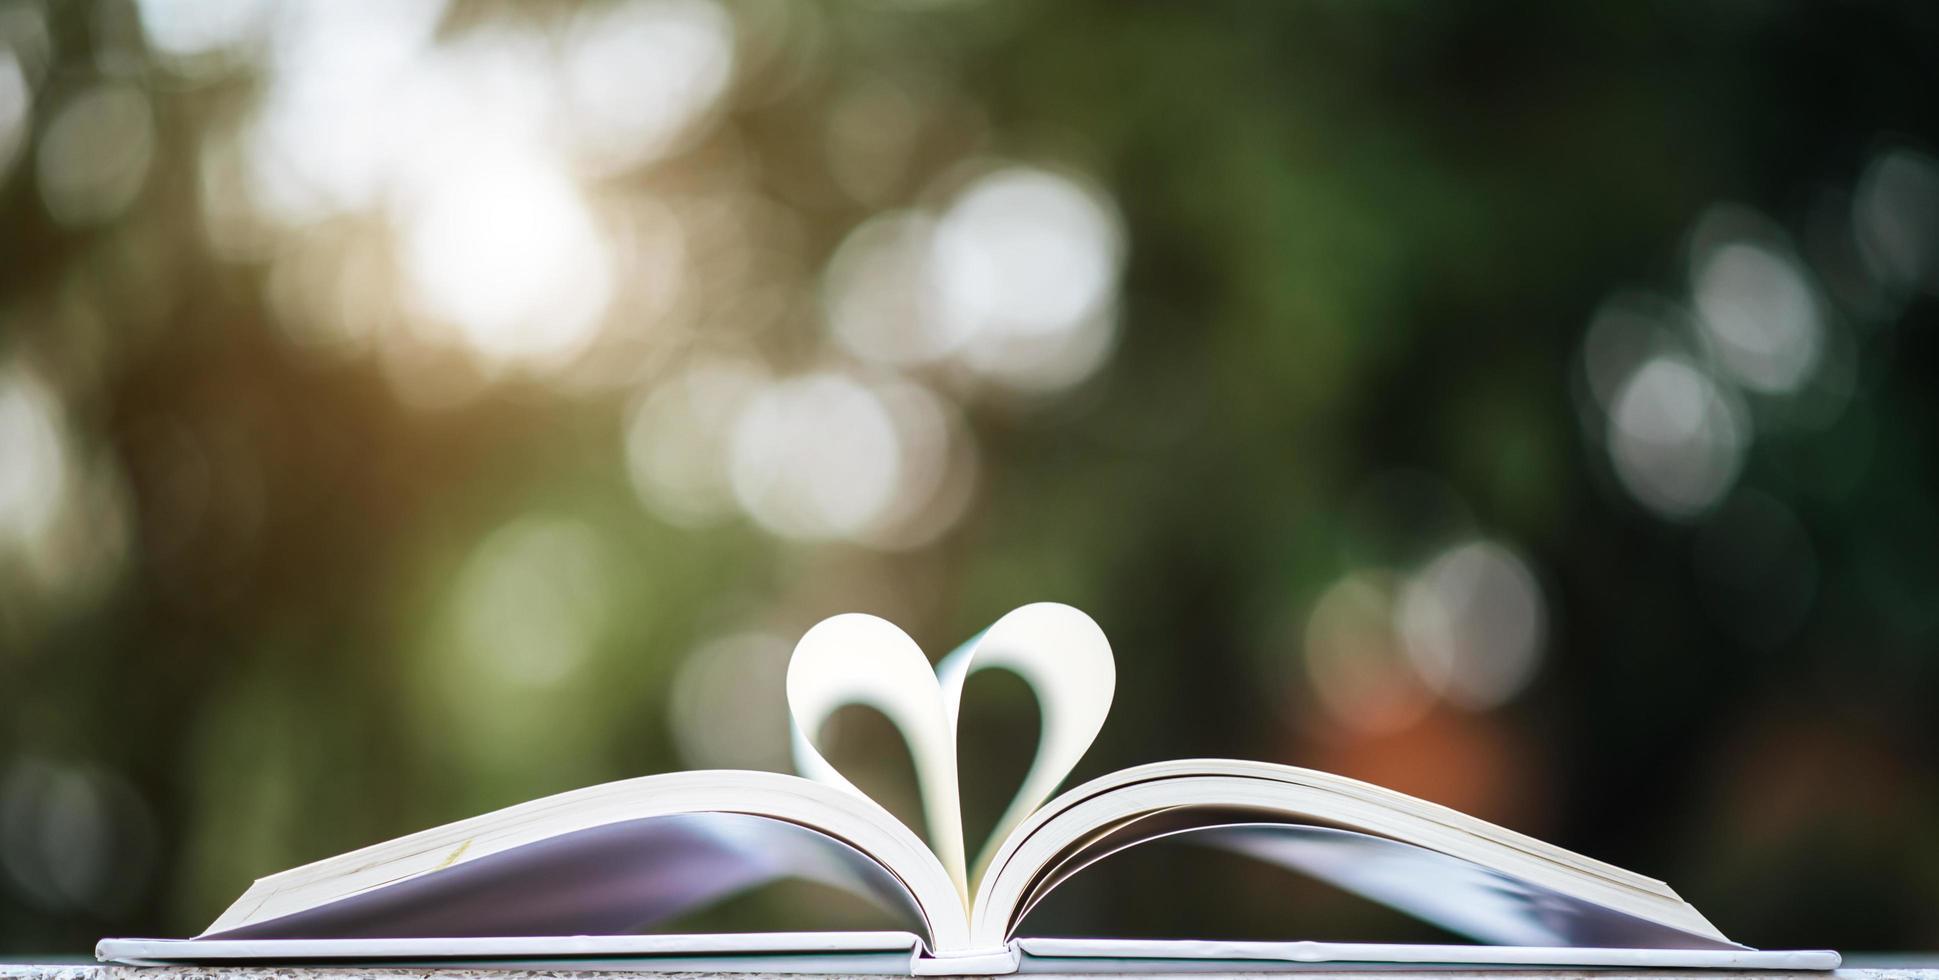 livre ouvert en forme de coeur photo